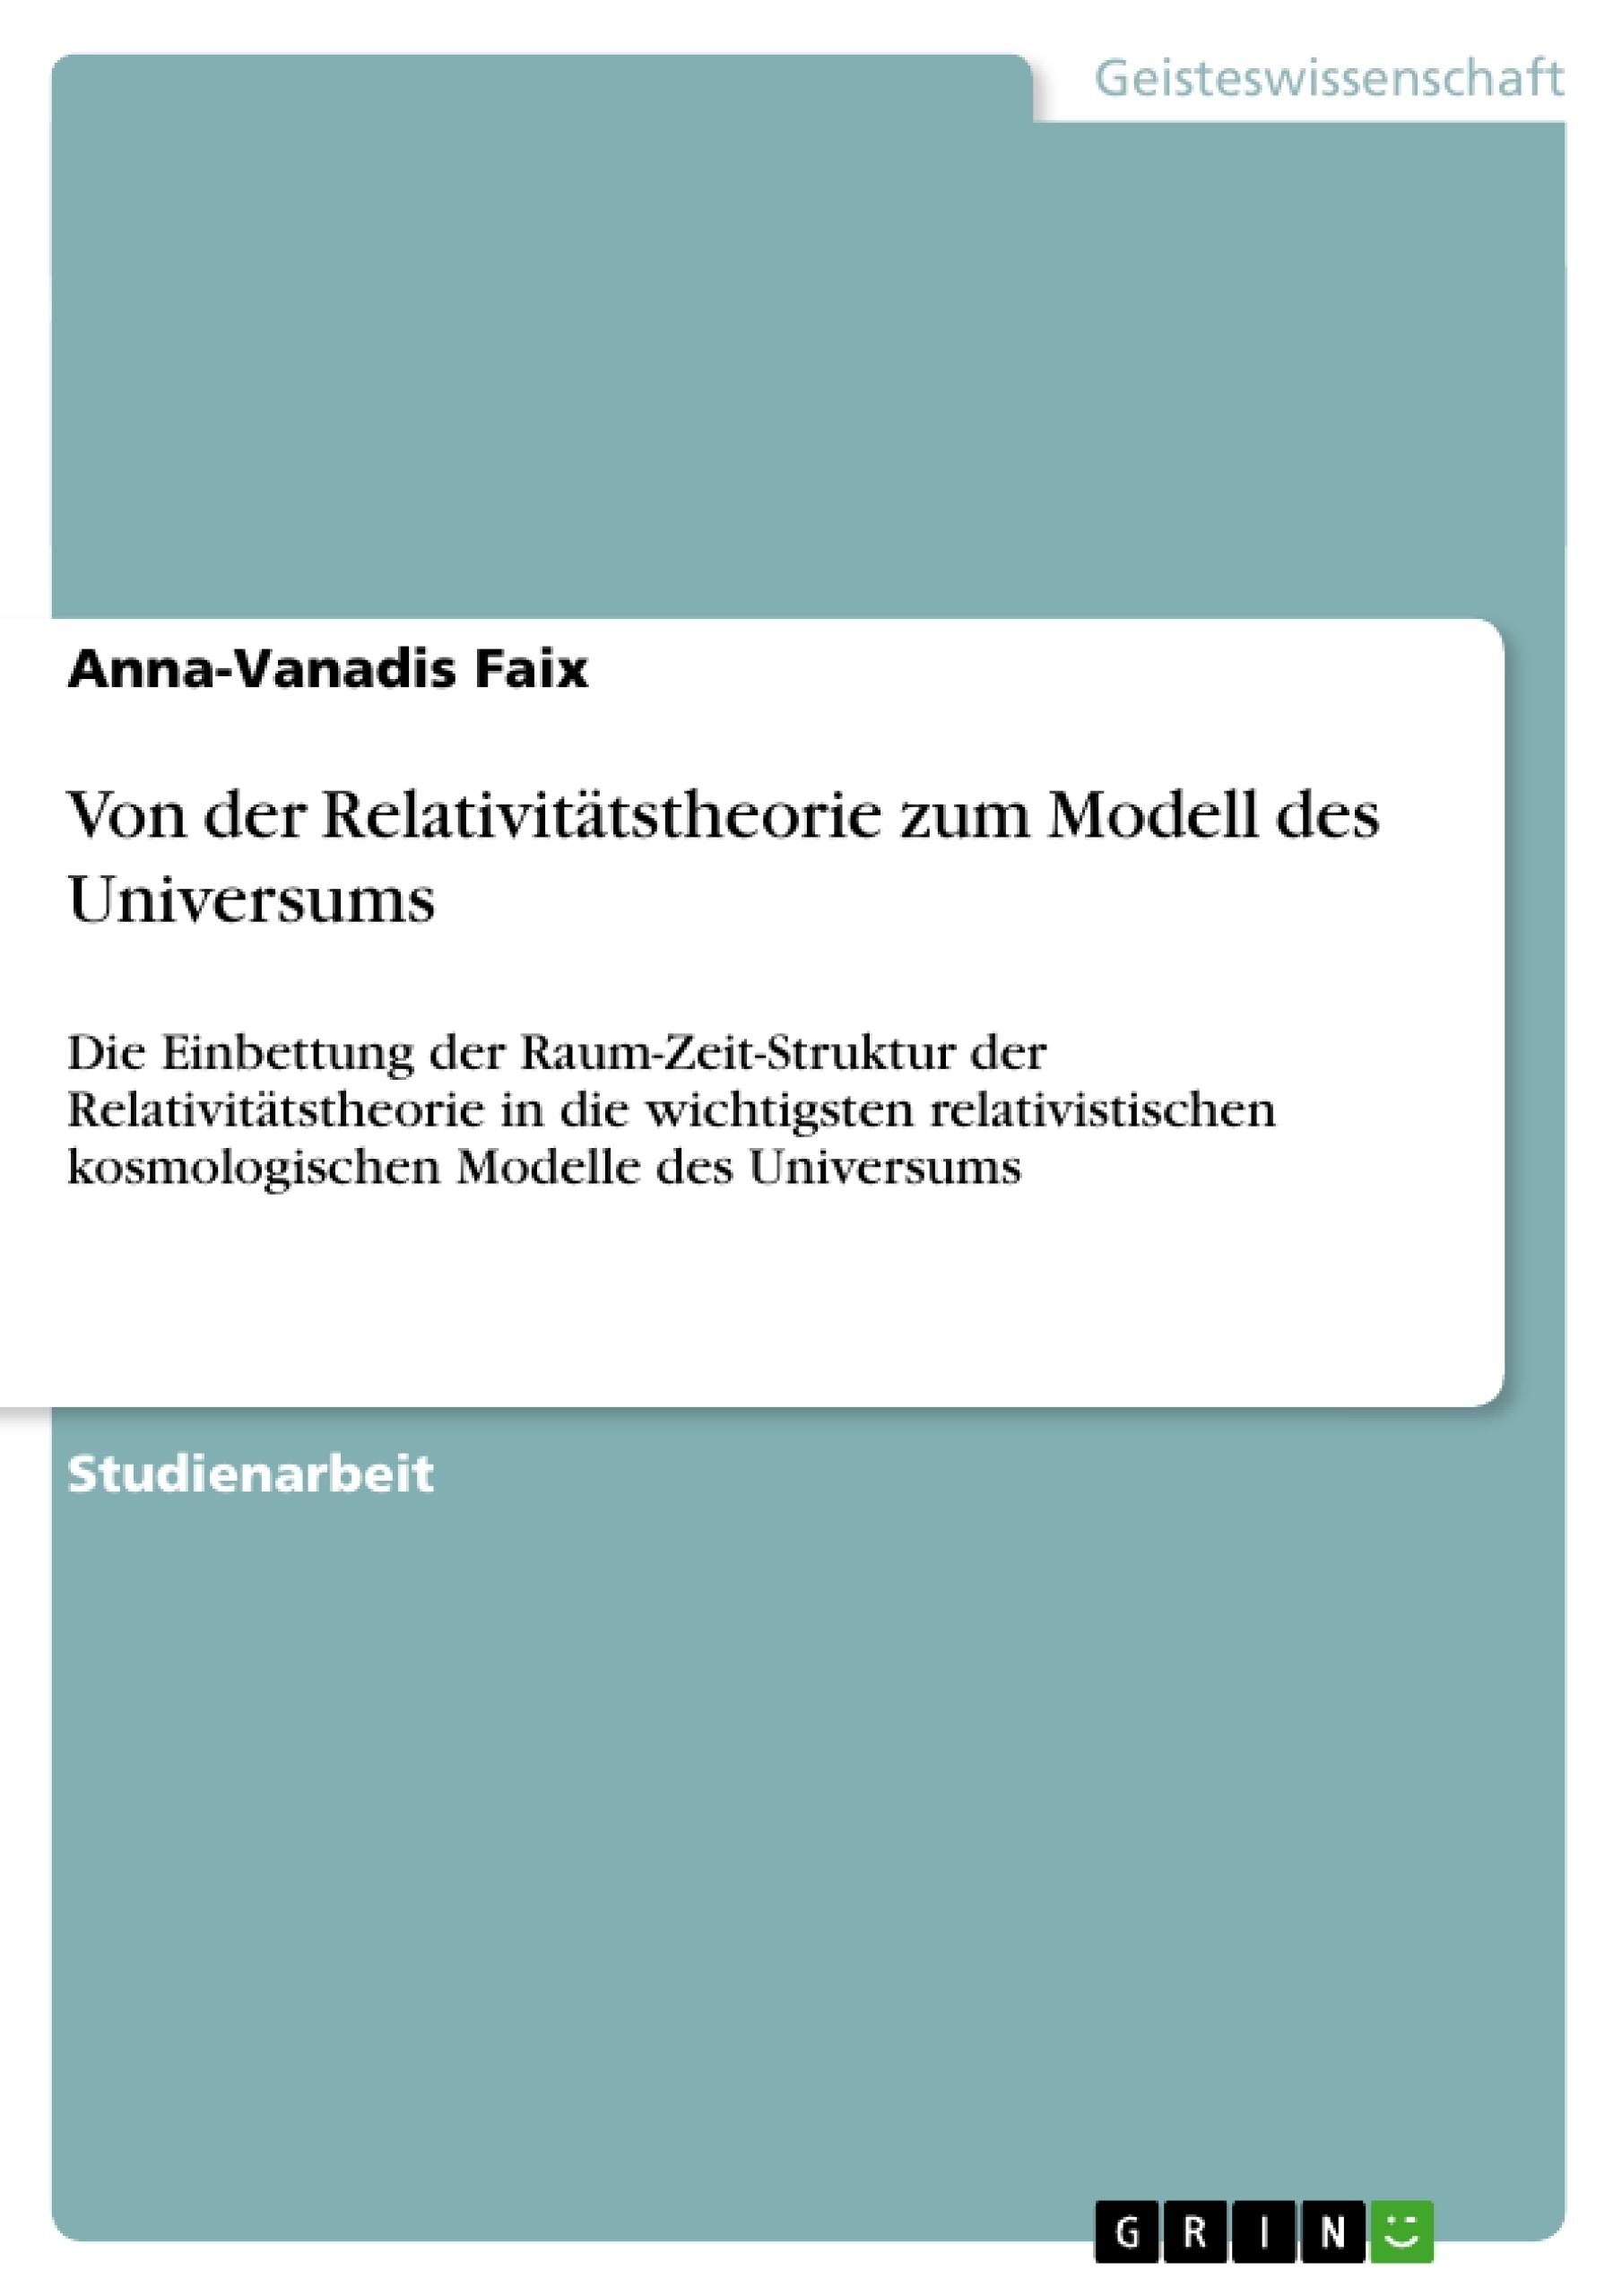 Titel: Von der Relativitätstheorie zum Modell des Universums